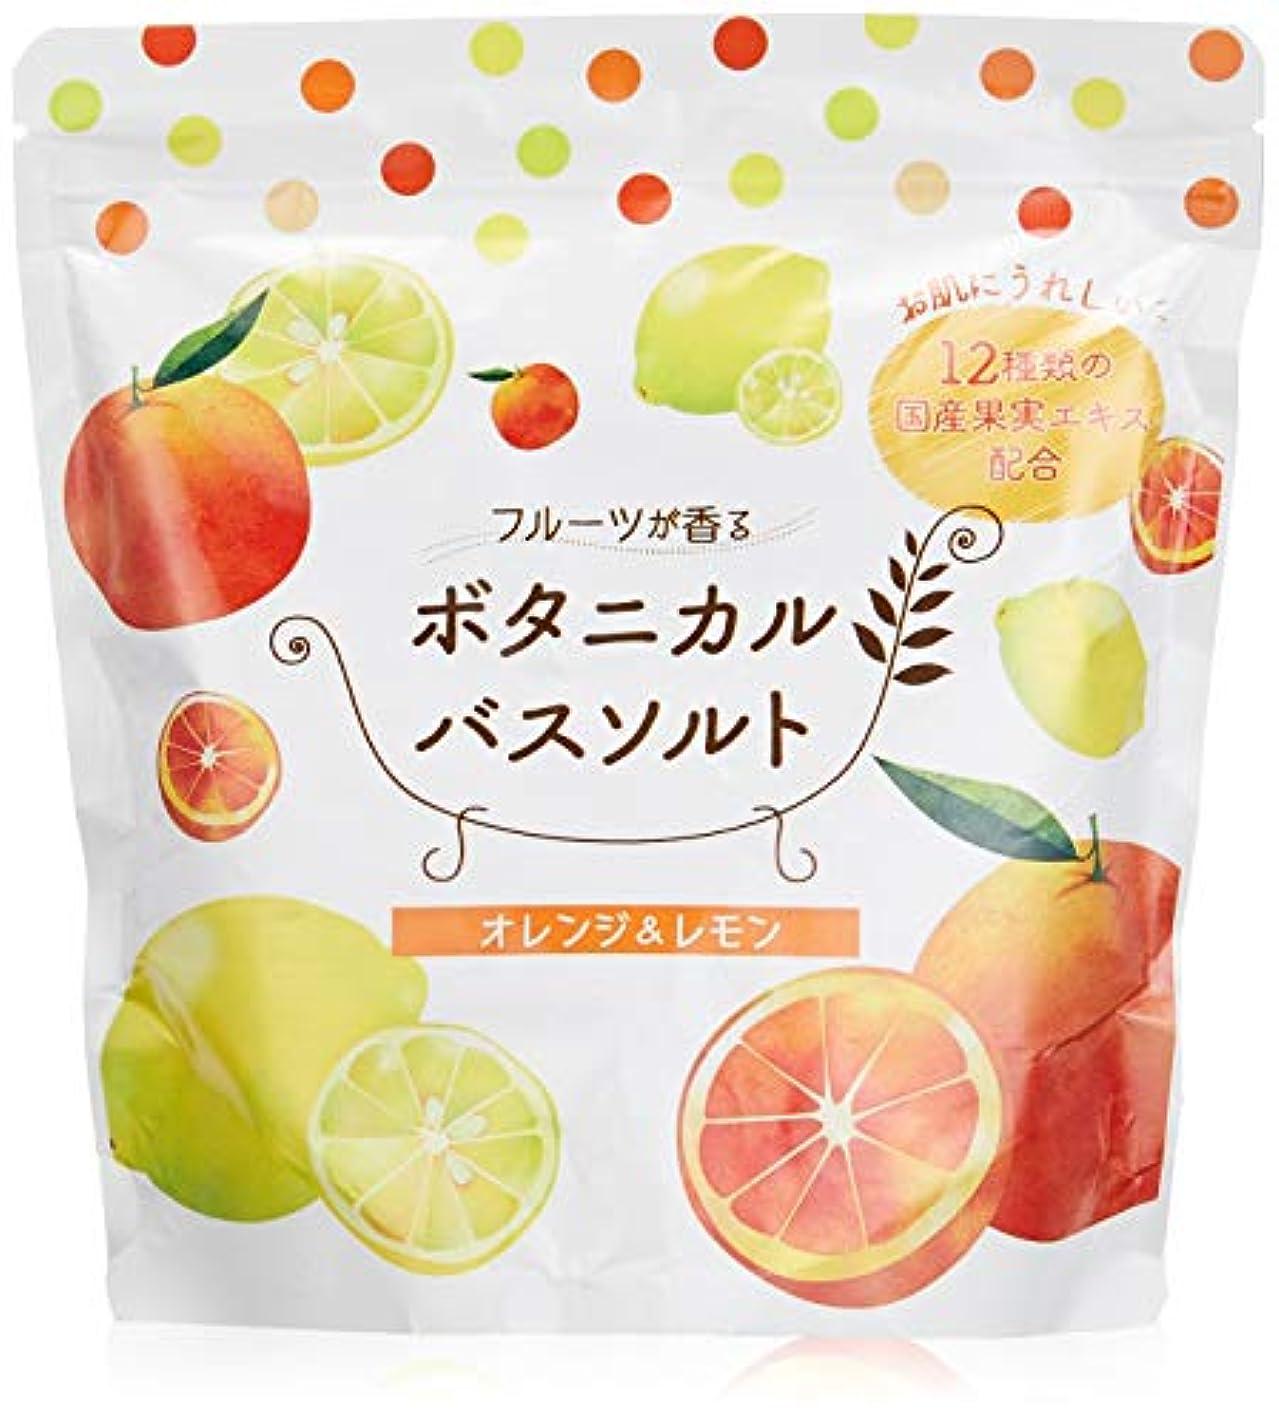 潜在的な著作権リール松田医薬品 フルーツが香るボタニカルバスソルト オレンジ&レモン 450g